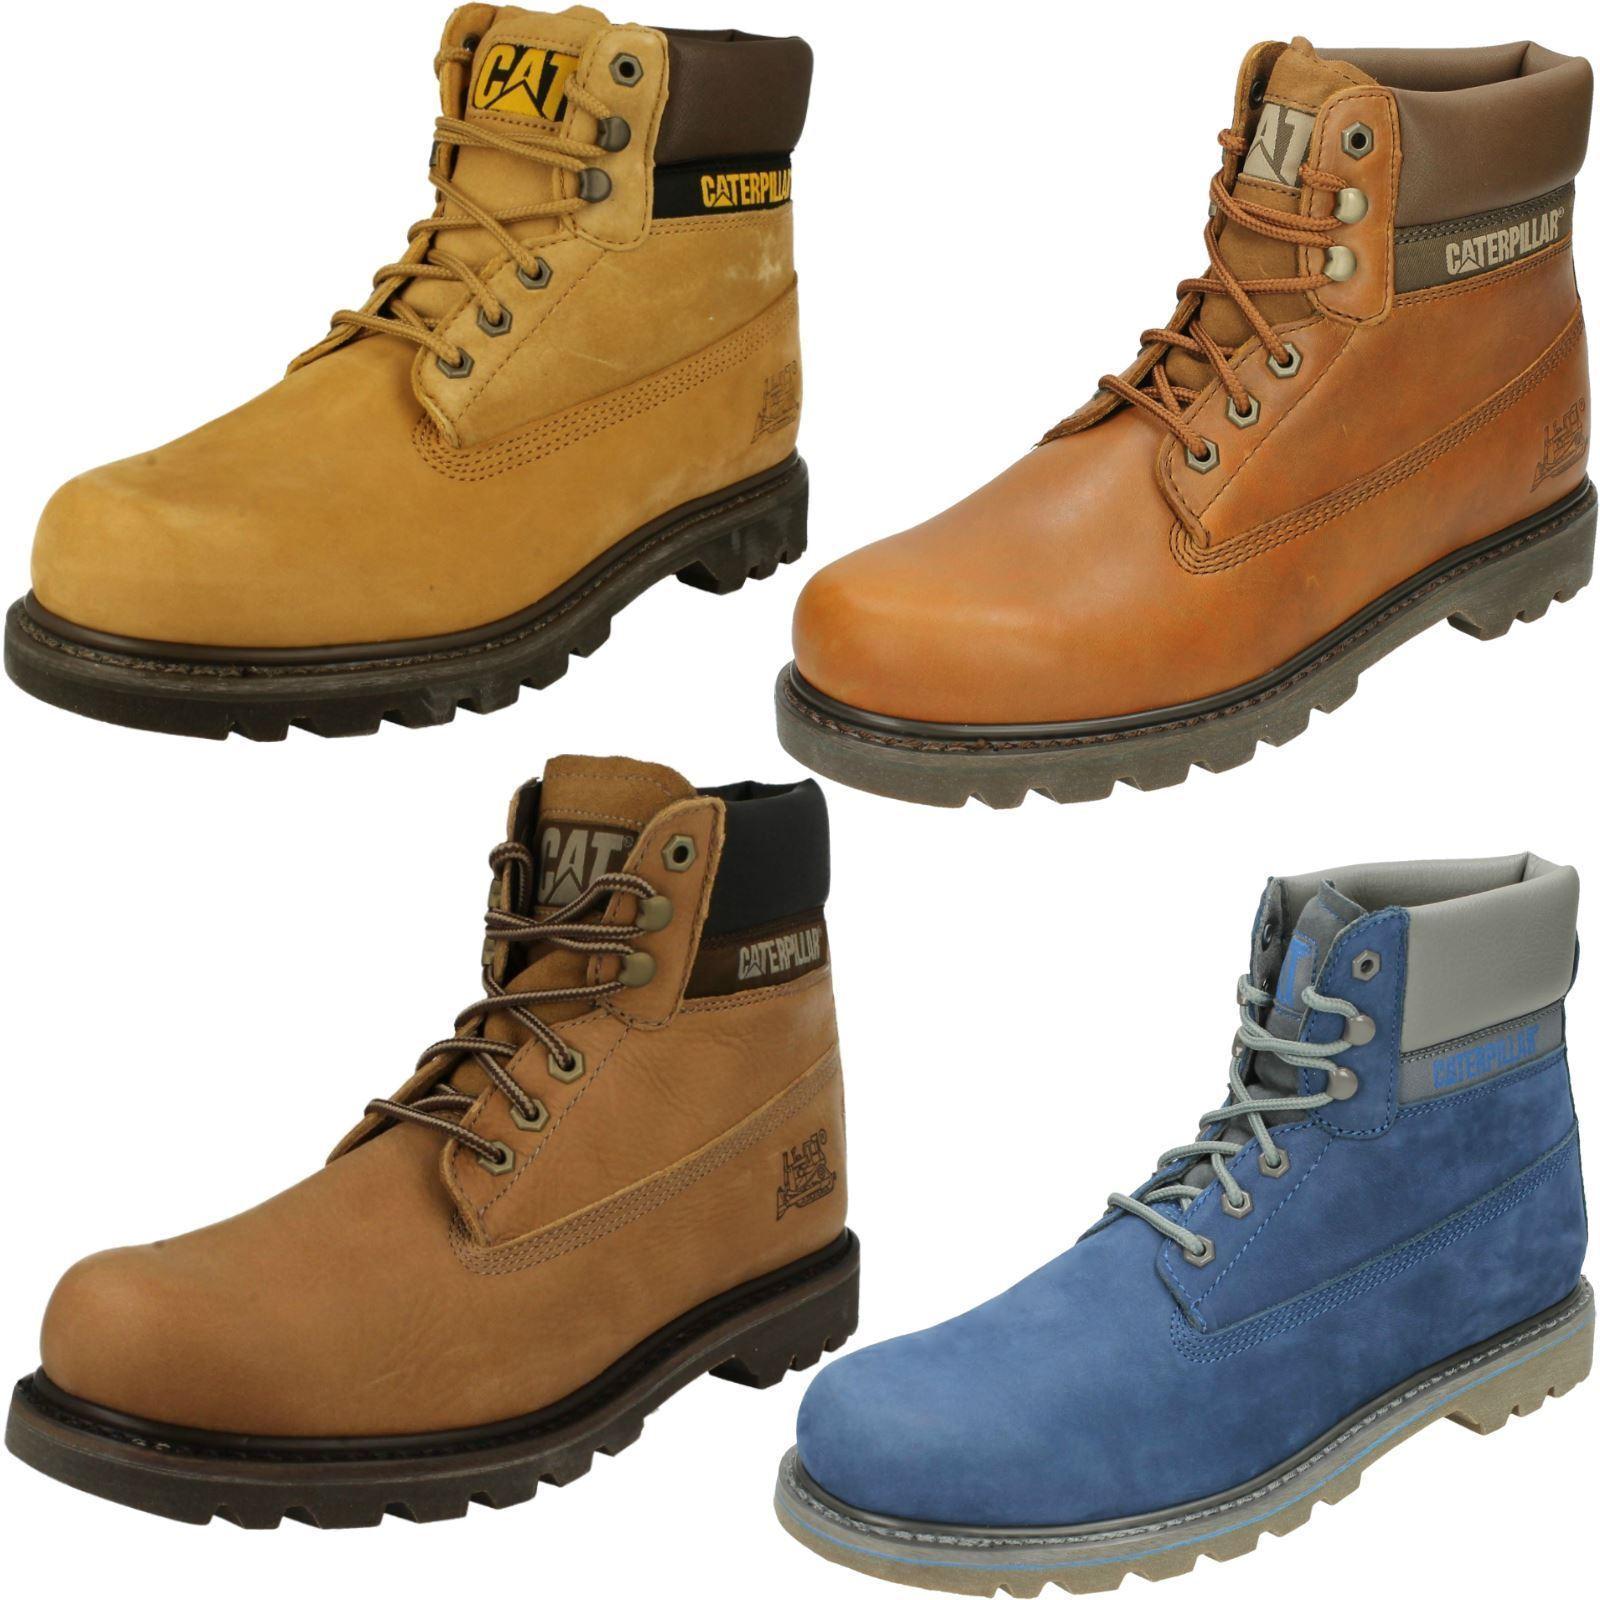 Zapatos de mujer baratos zapatos de mujer Caterpillar Para Hombre Cuero Casual Combate Zapatos Senderismo Caminar Botines